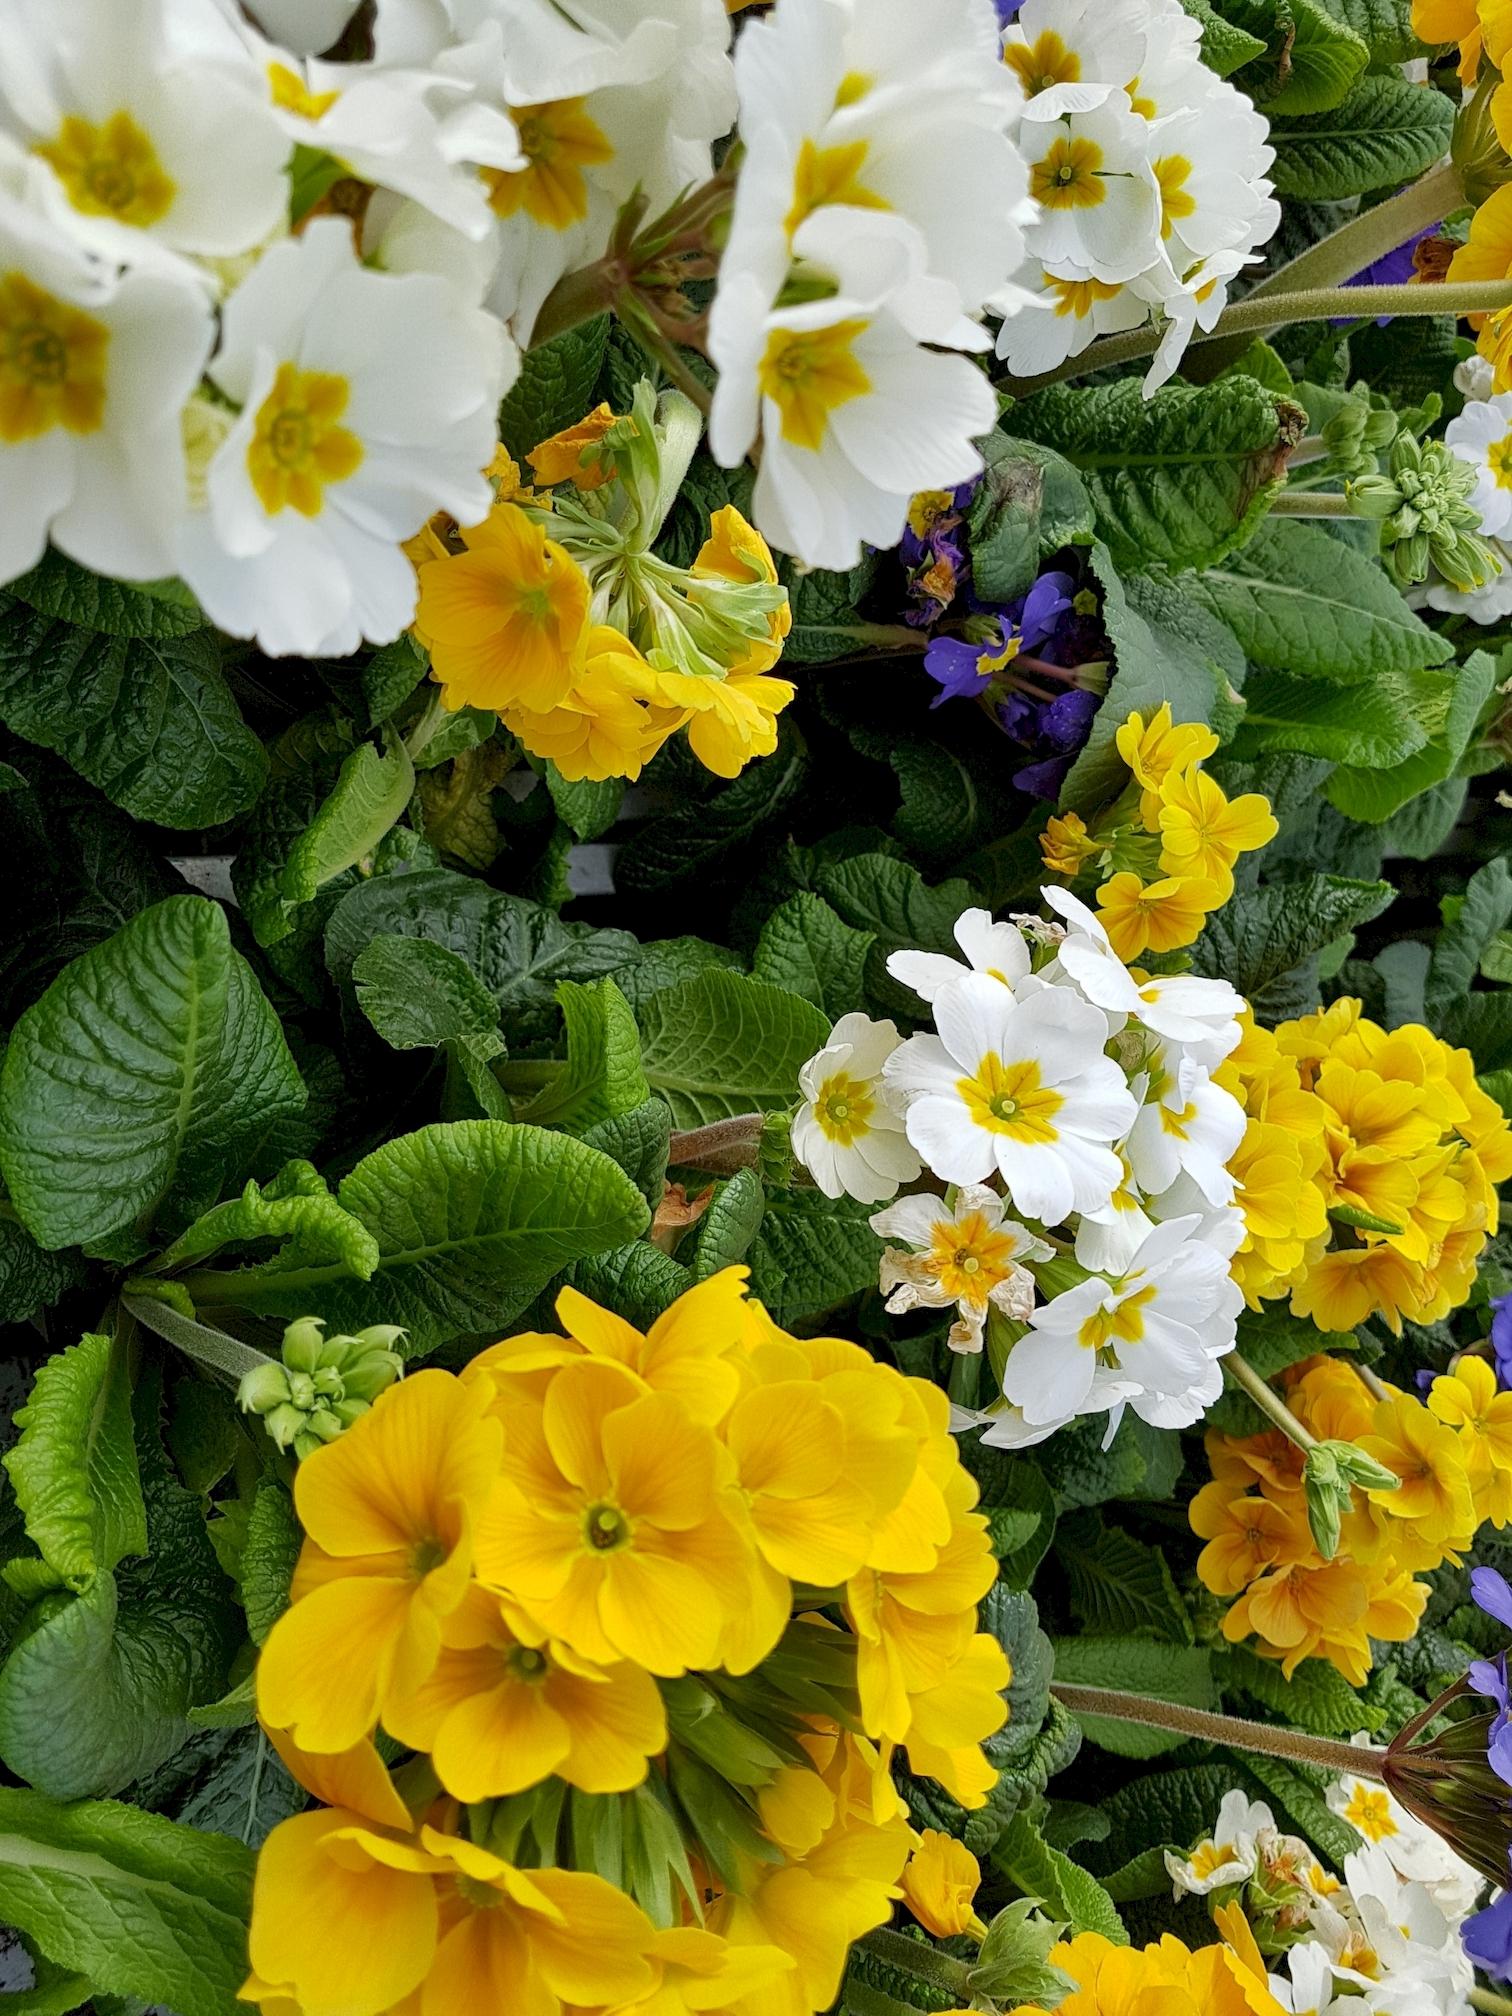 gratuite-telecharger-des-fleurs-de-printemps